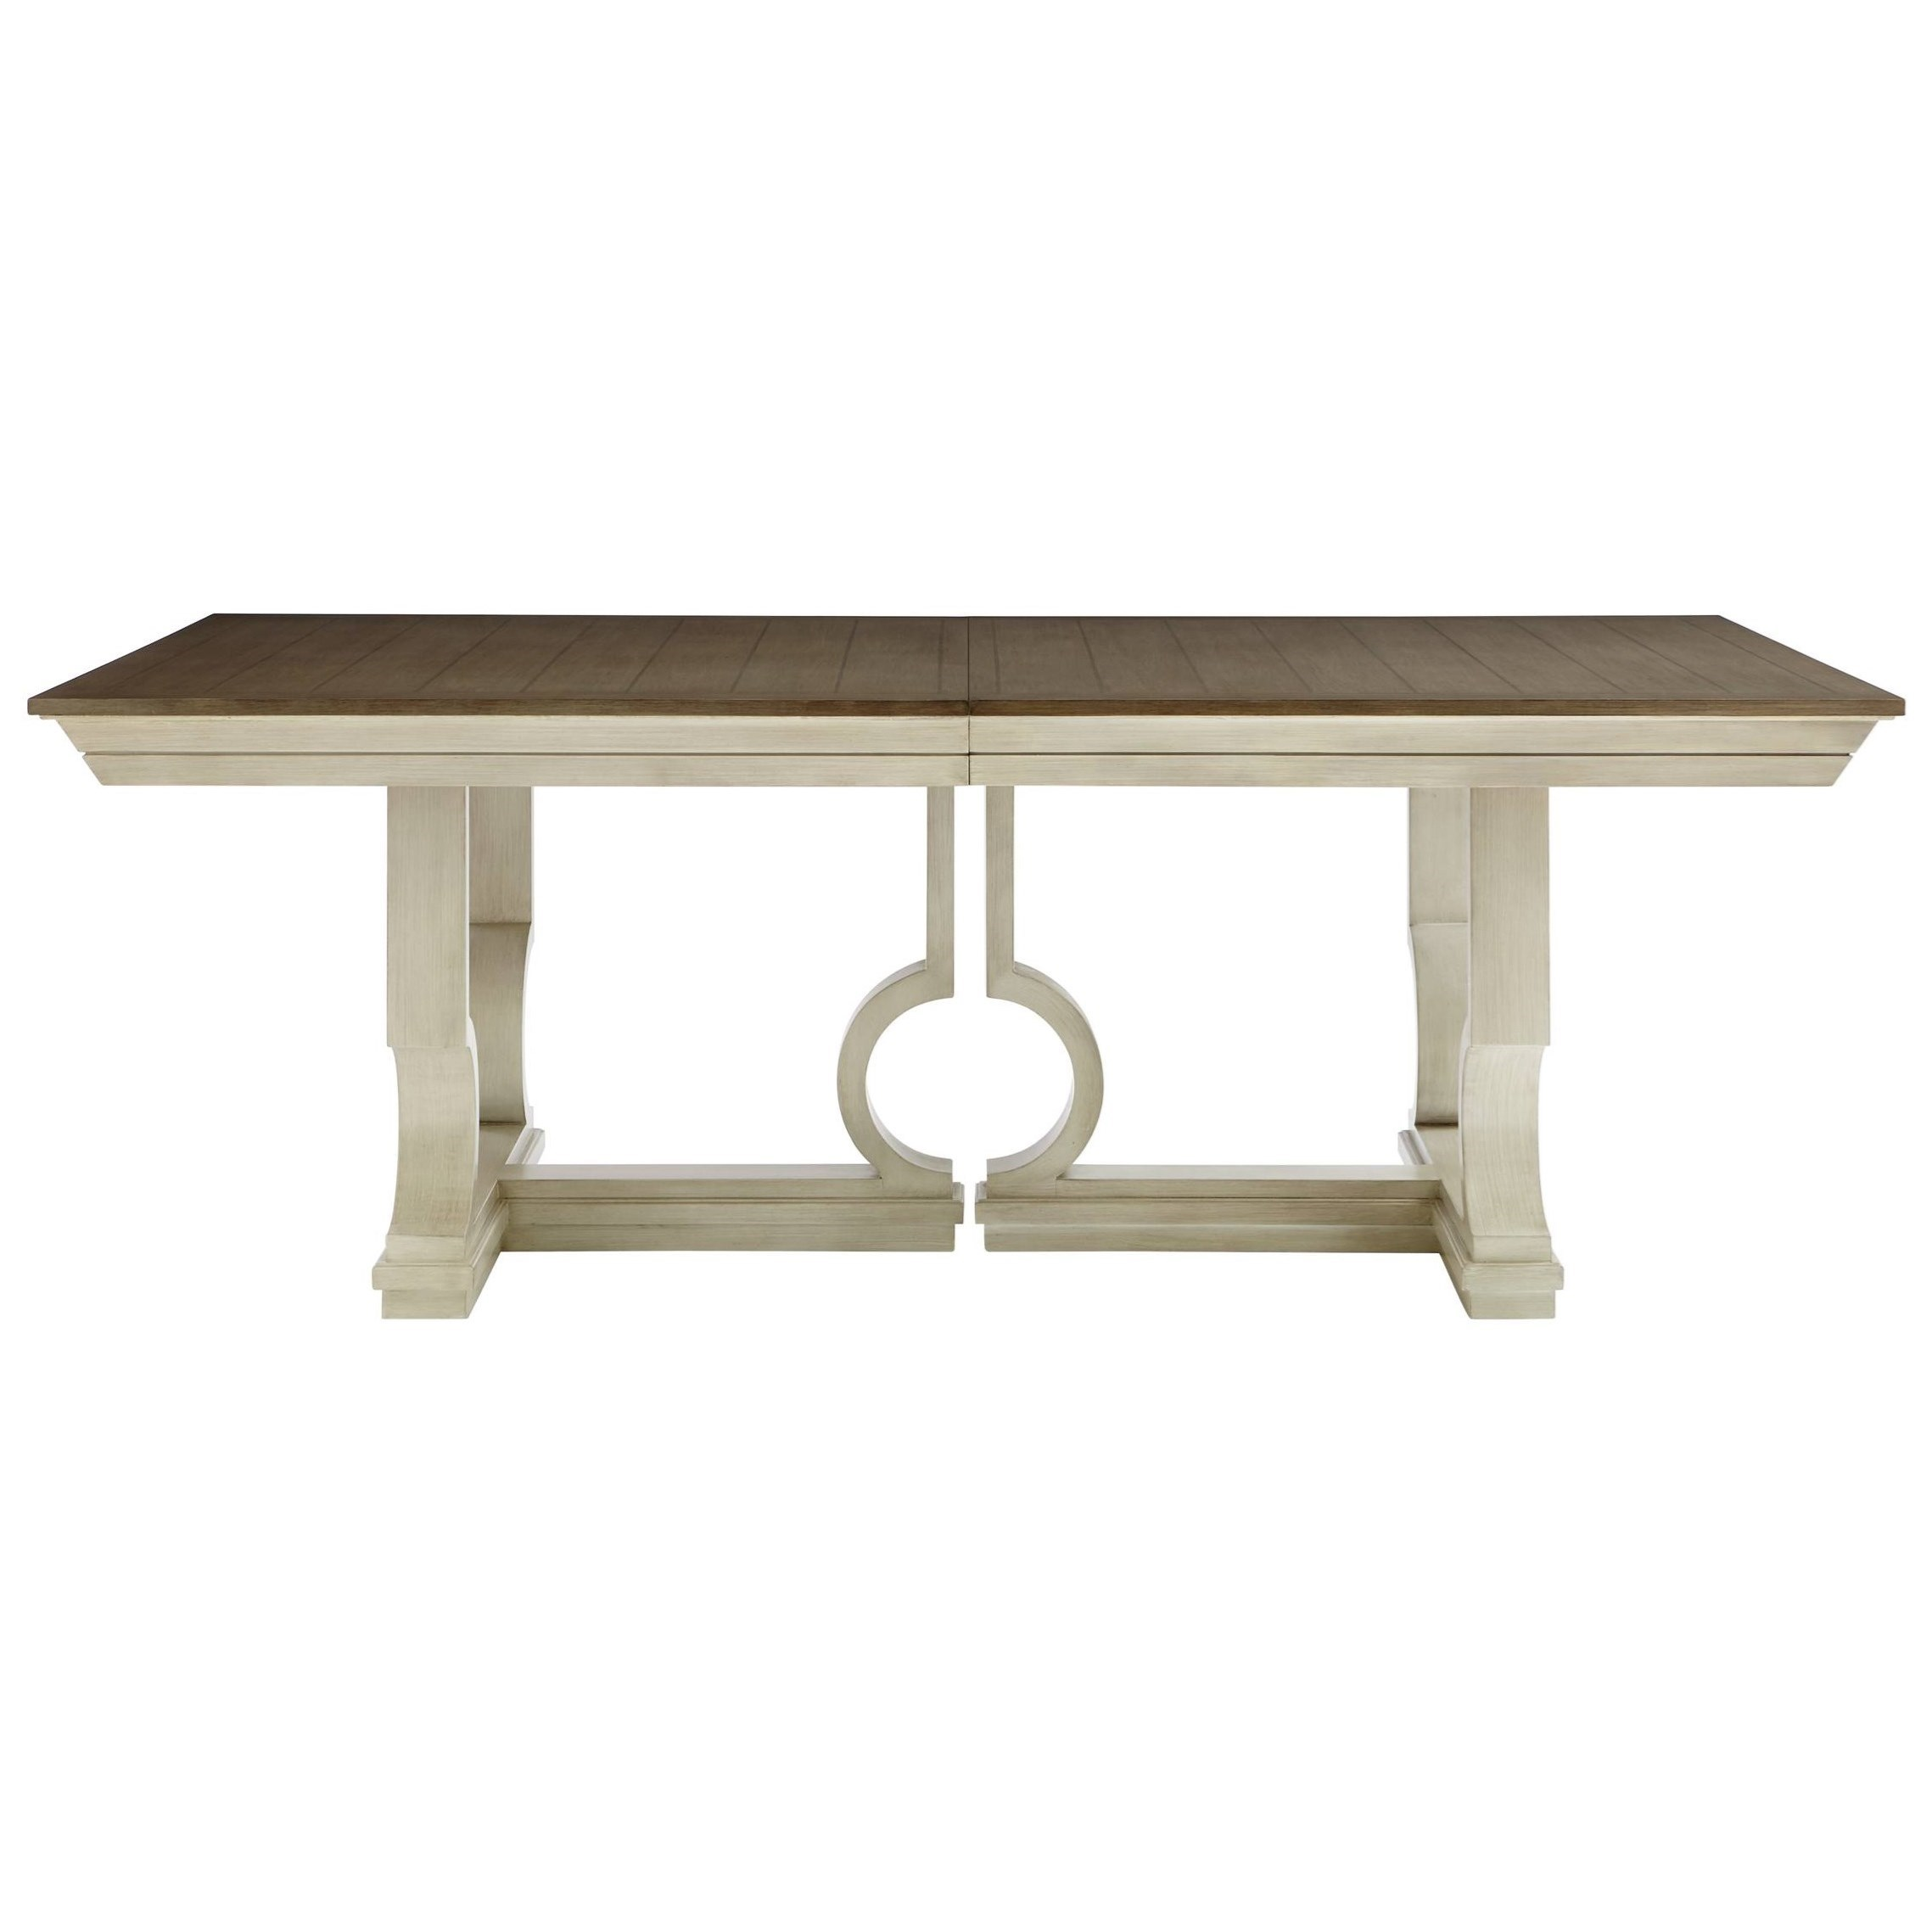 Stanley Furniture Coastal Living Oasis Moonrise Pedestal Dining Table - Item Number: 527-51-36